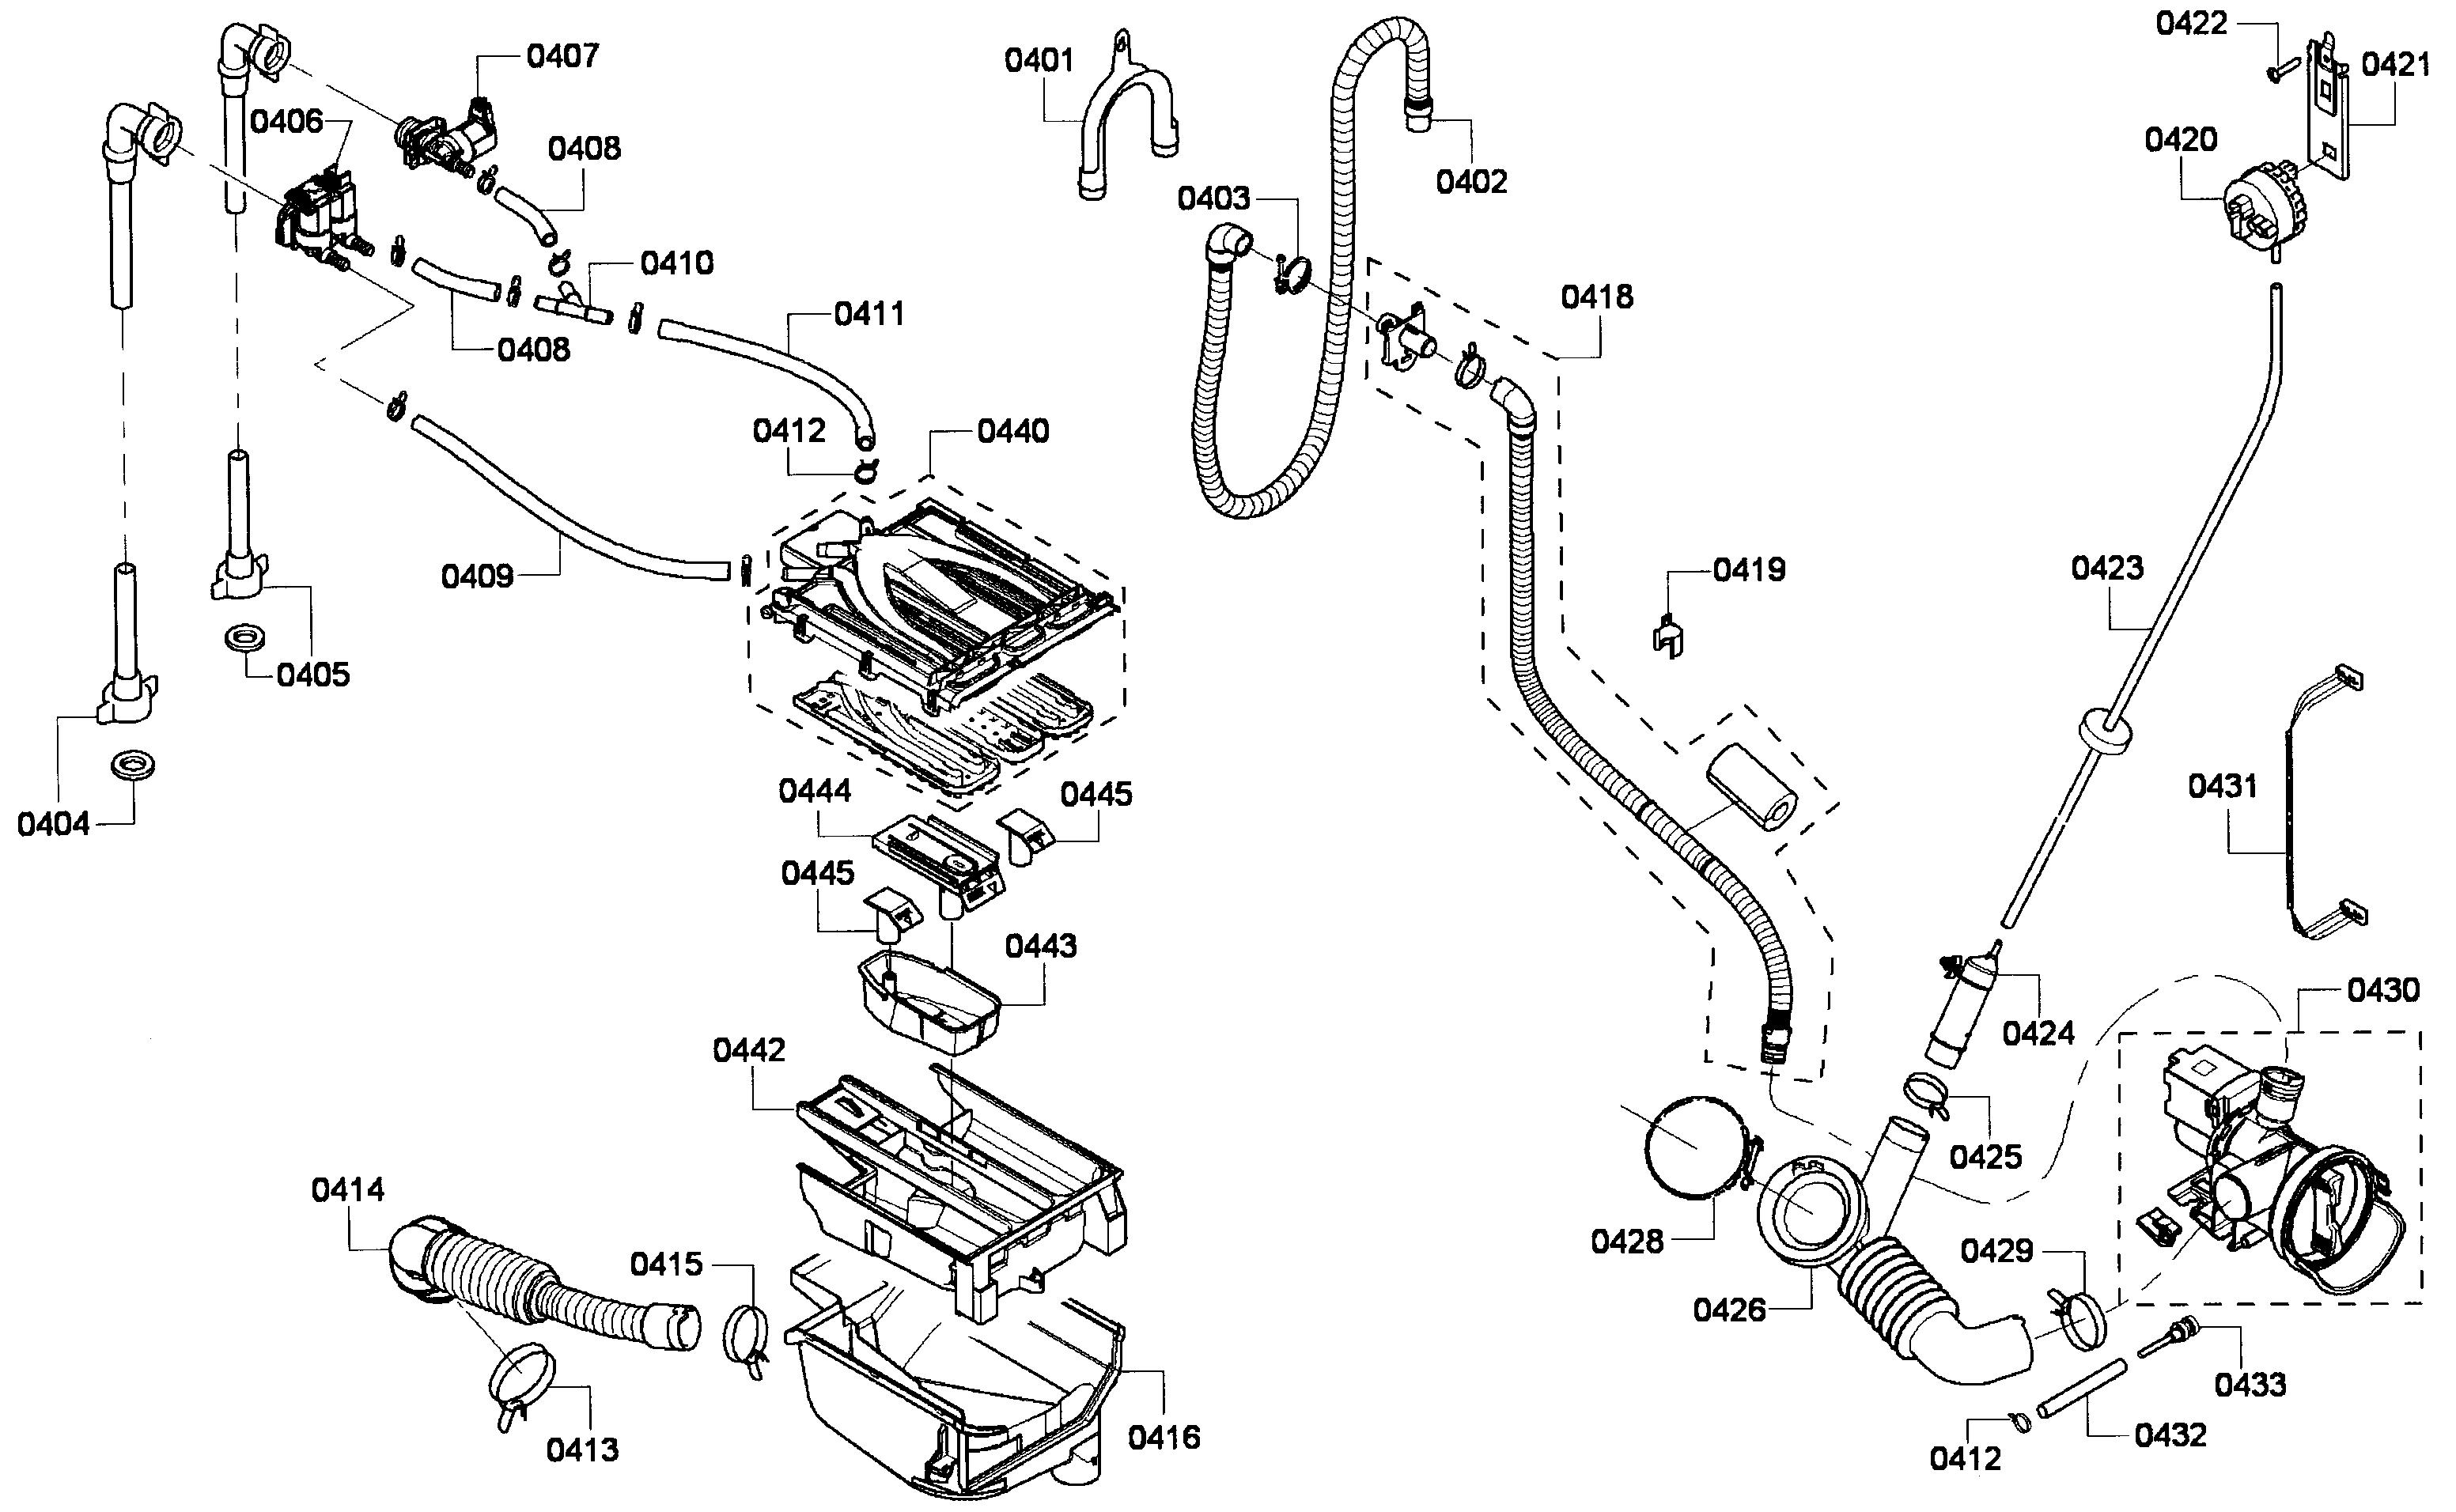 Wiring Diagram: 32 Bosch Nexxt 500 Series Dryer Parts Diagram